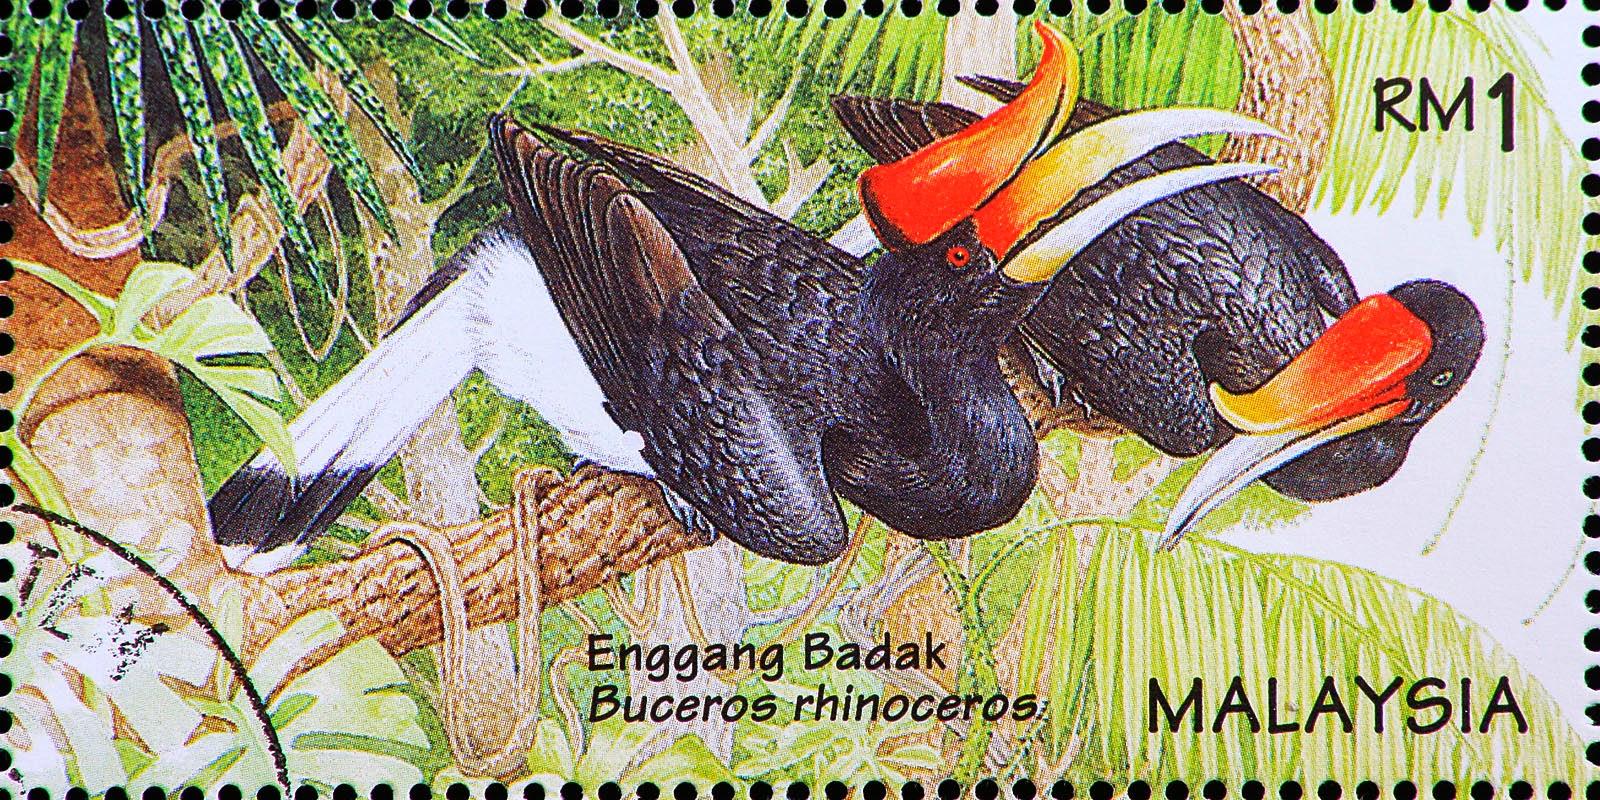 Malaysia 1996 Wildlife stamps - Rhinoceros Hornbill / Enggang Badak (Buceros rhinoceros) RM1